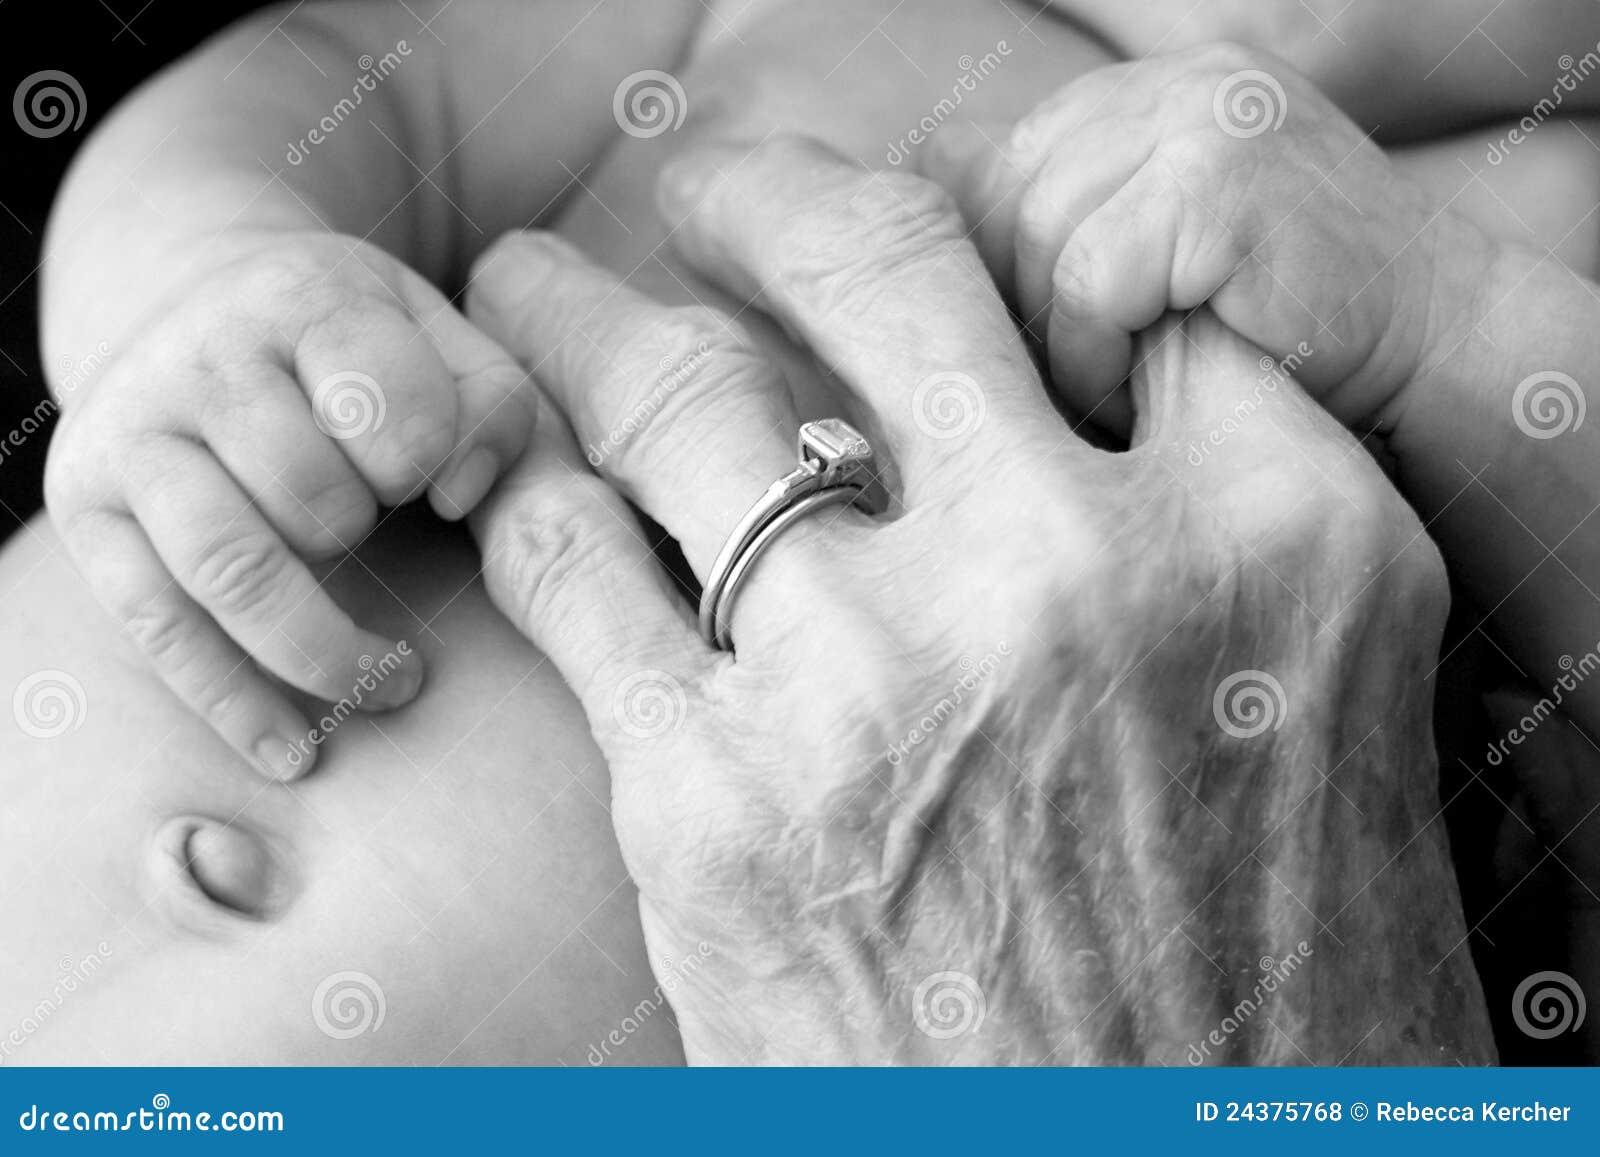 Grandmother s hands